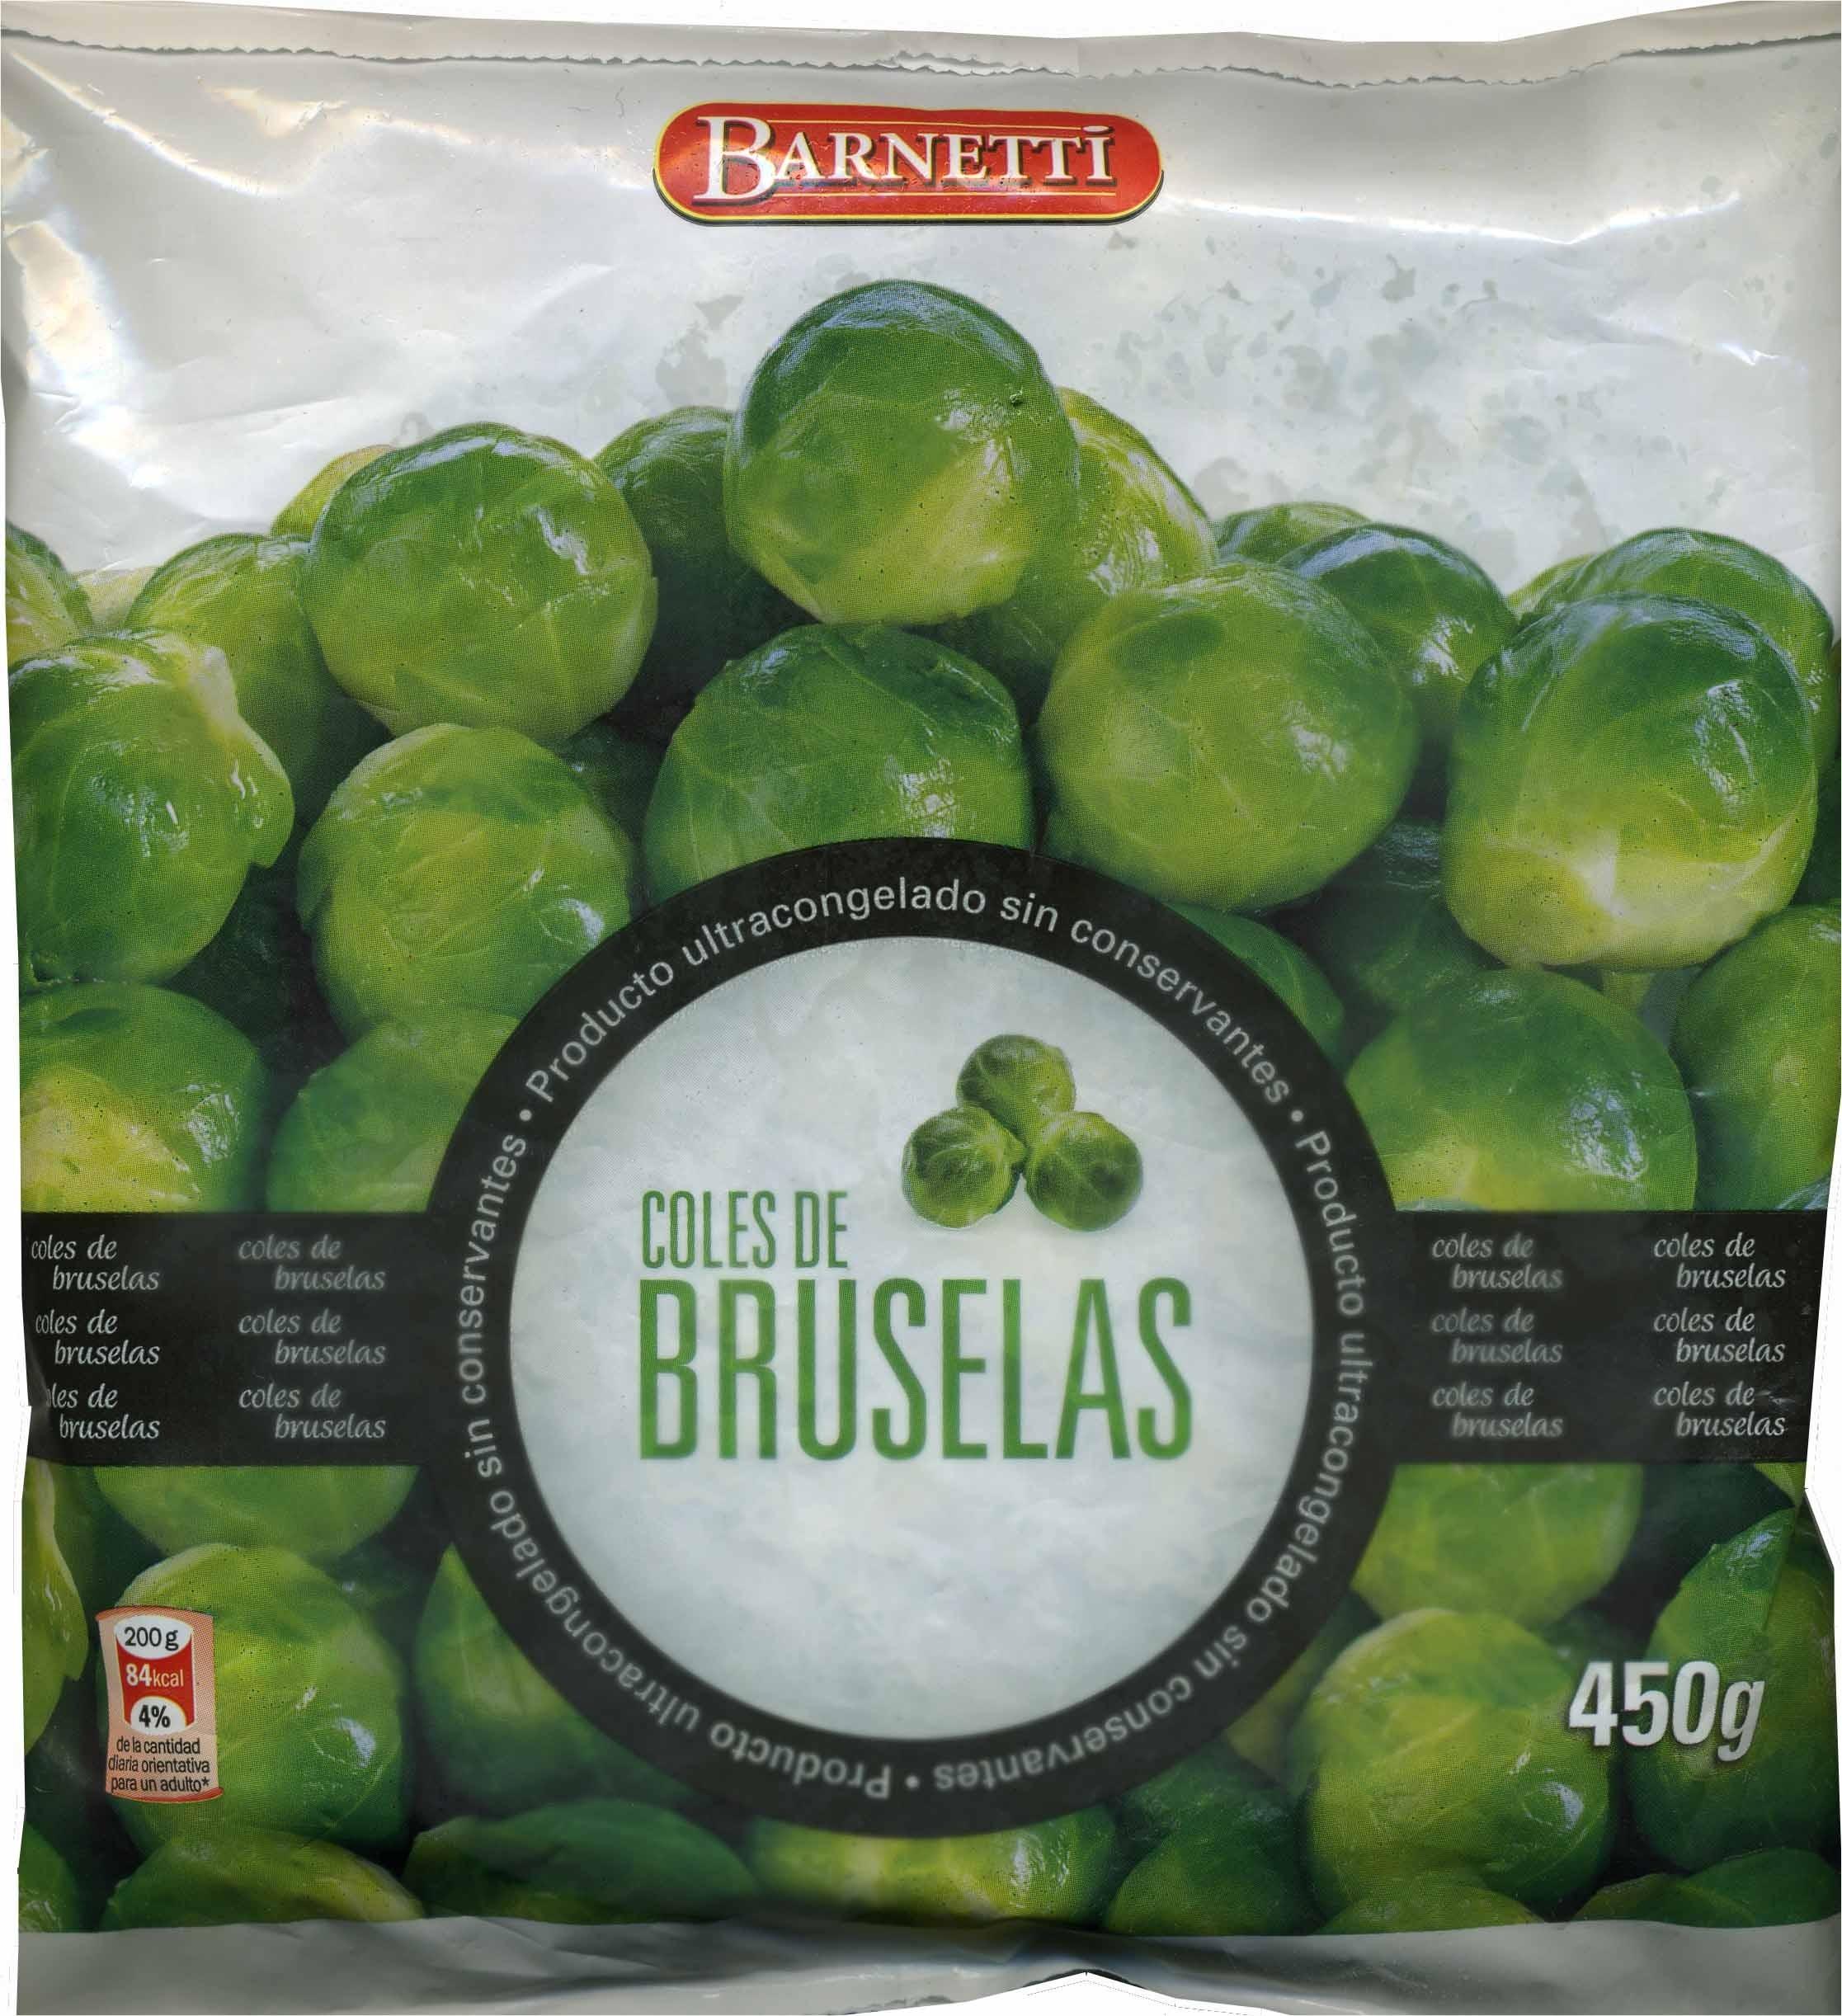 """Coles de Bruselas congeladas """"Barnetti"""" - Producto"""